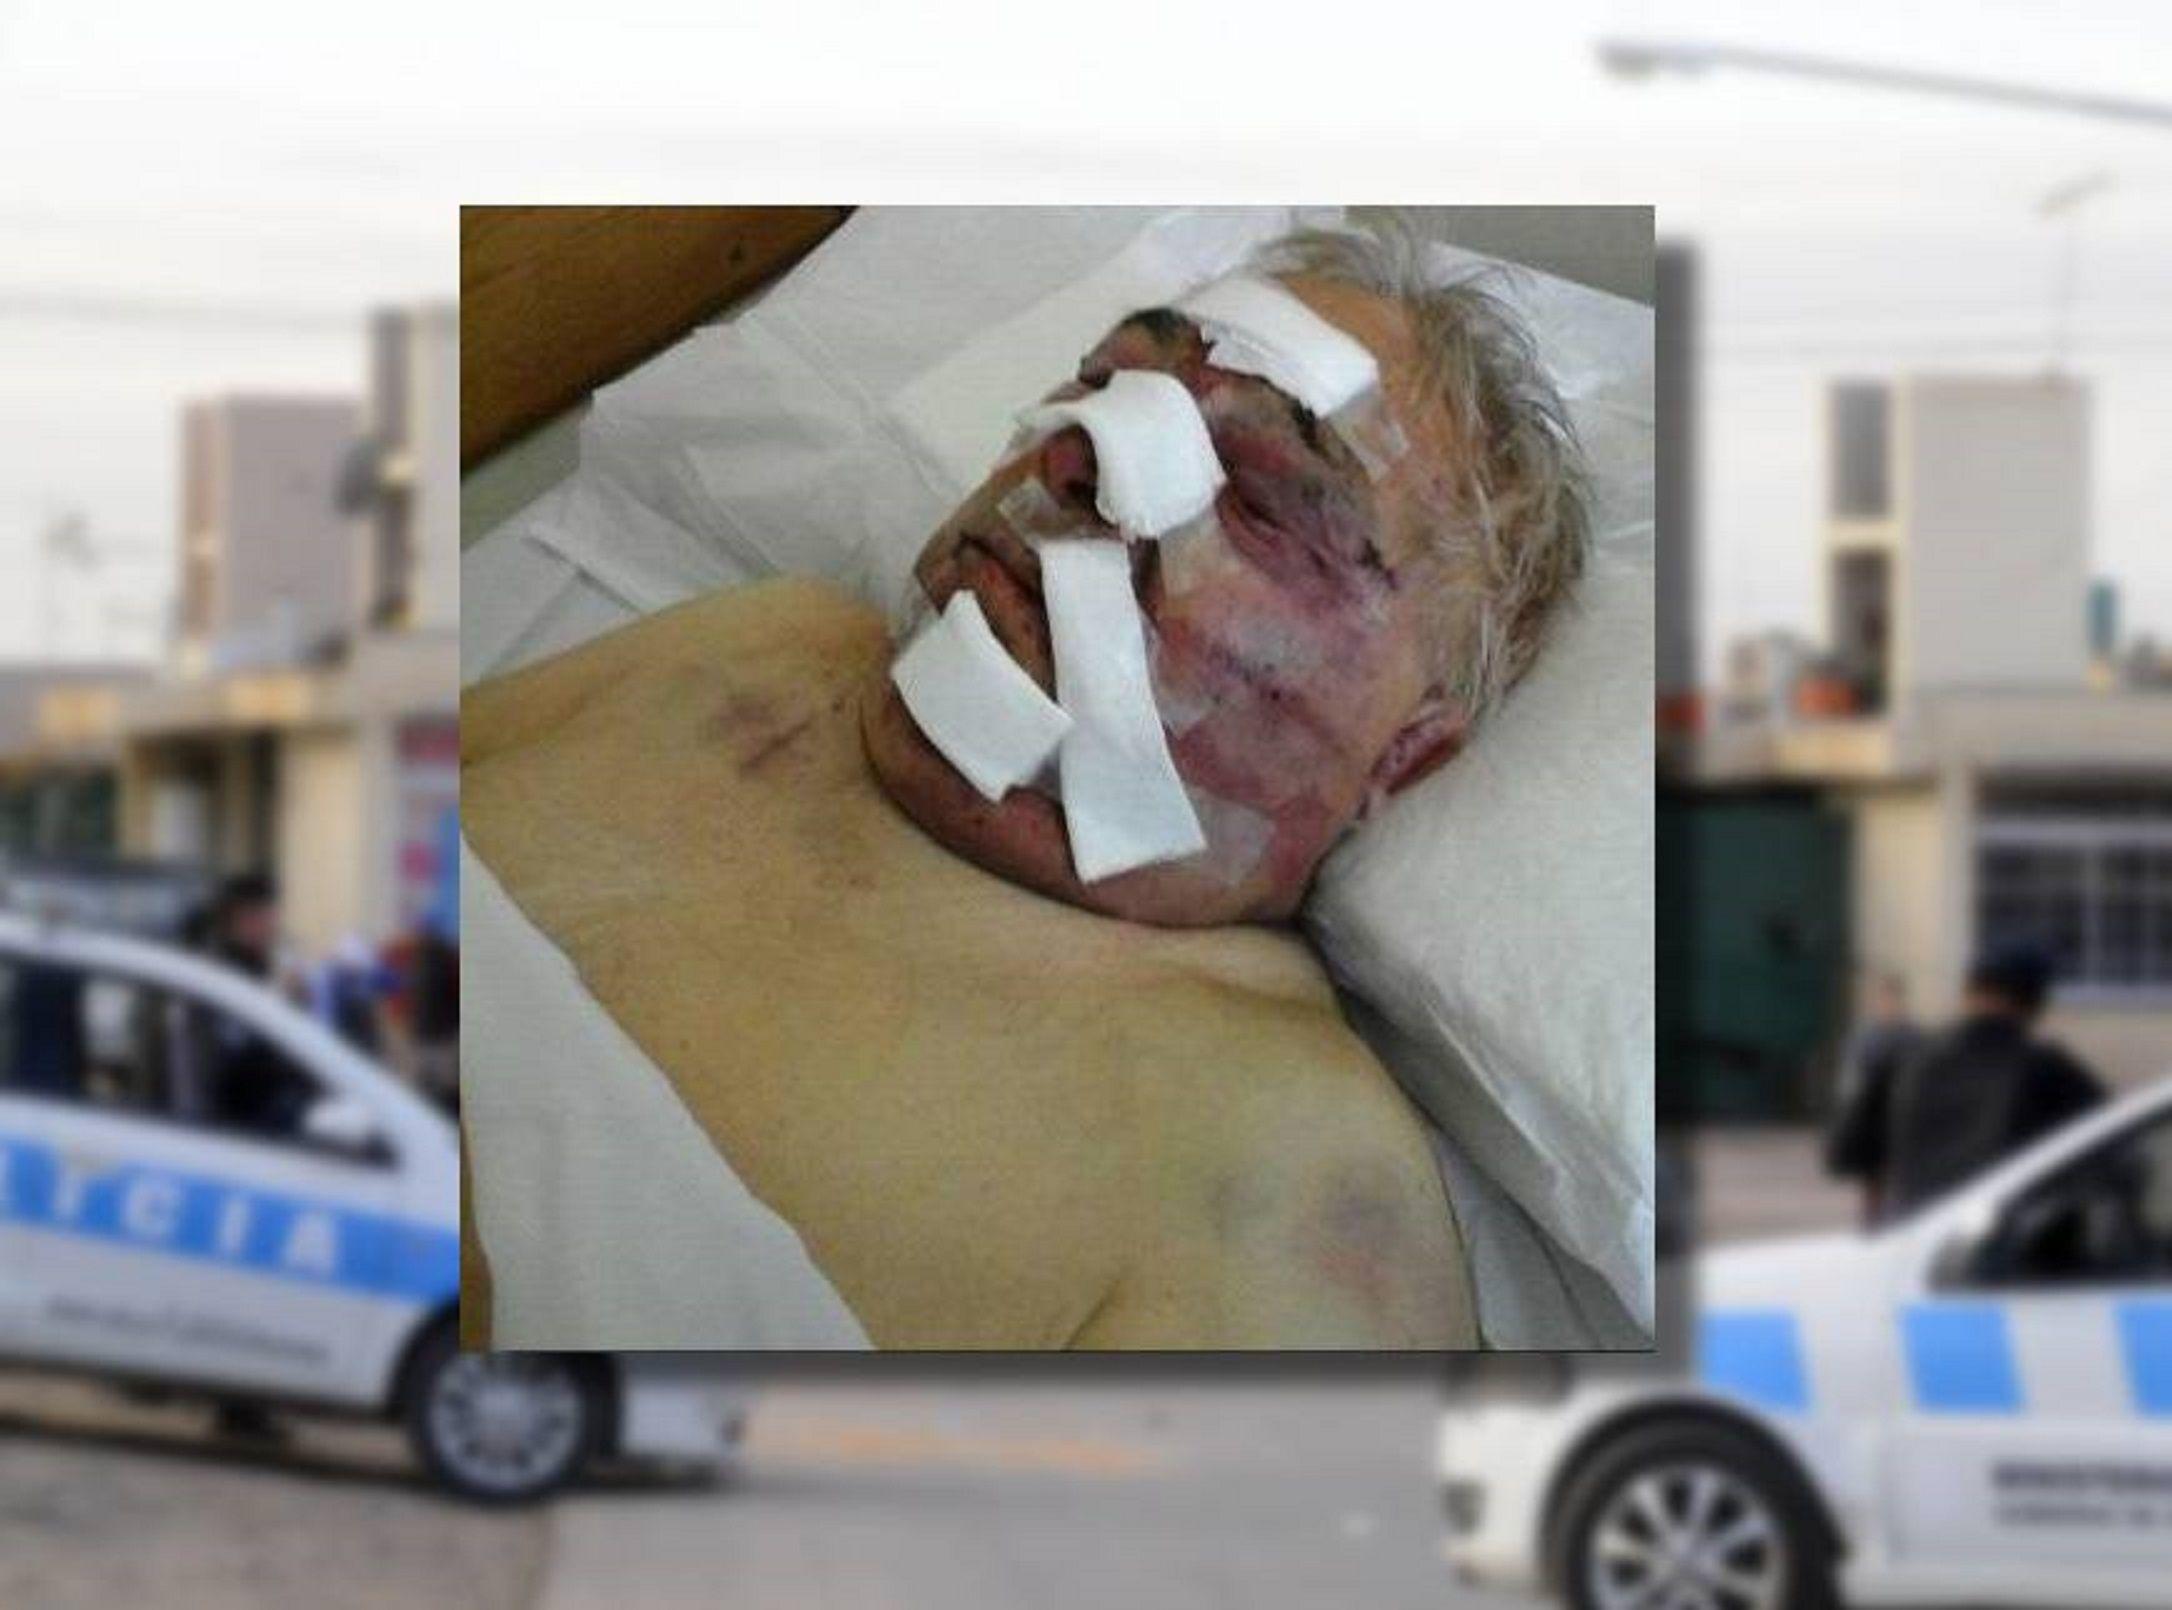 Salvaje asalto a un jubilado: lo golpearon con un fierro hasta dejarlo inconsciente